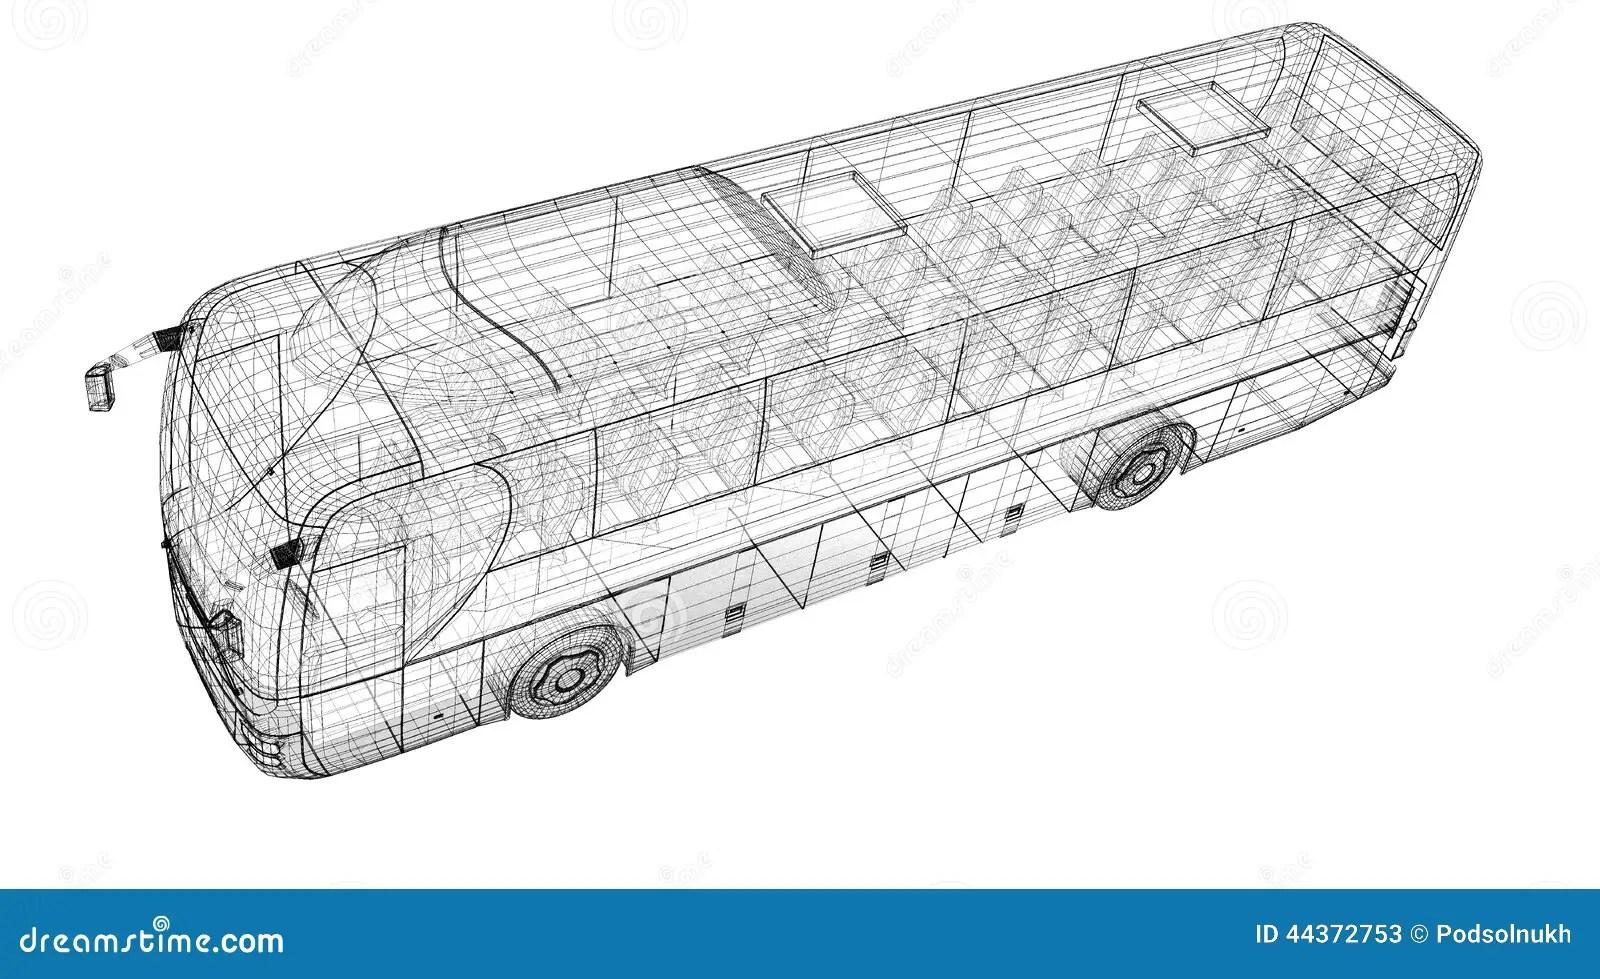 Autobus Stock Photo